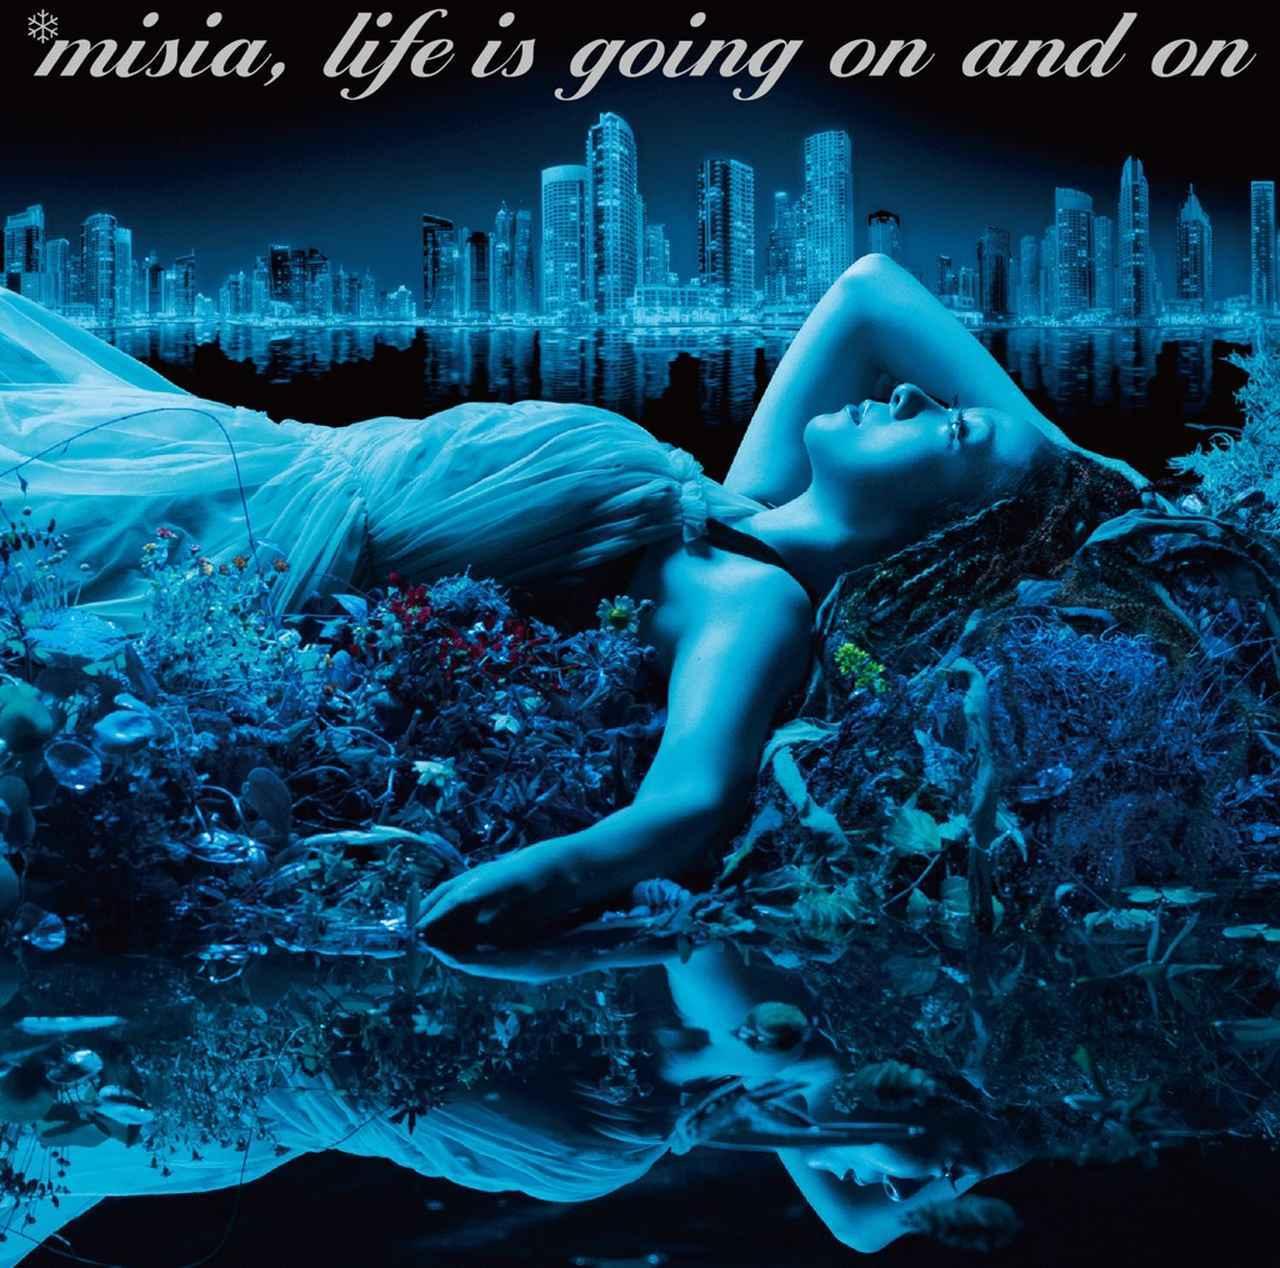 画像: Life is going on and on/MISIA